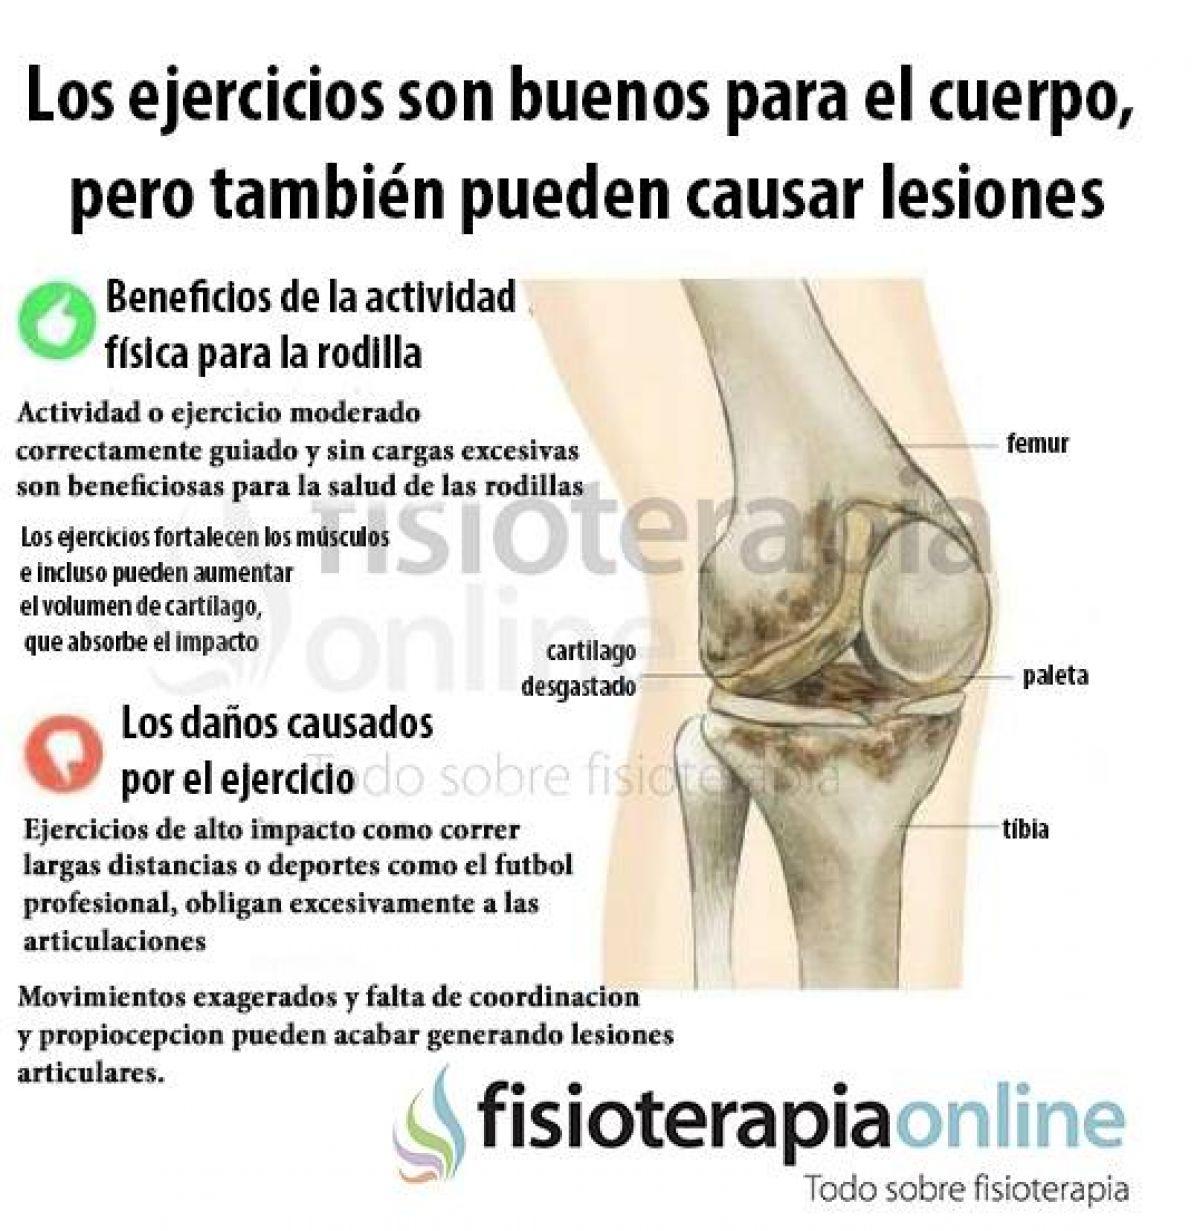 Realiza ejercicio físico pero no te pases, ten cuidado con las consecuencias, sobrecargas, roturas de fibras, lesiones articulares